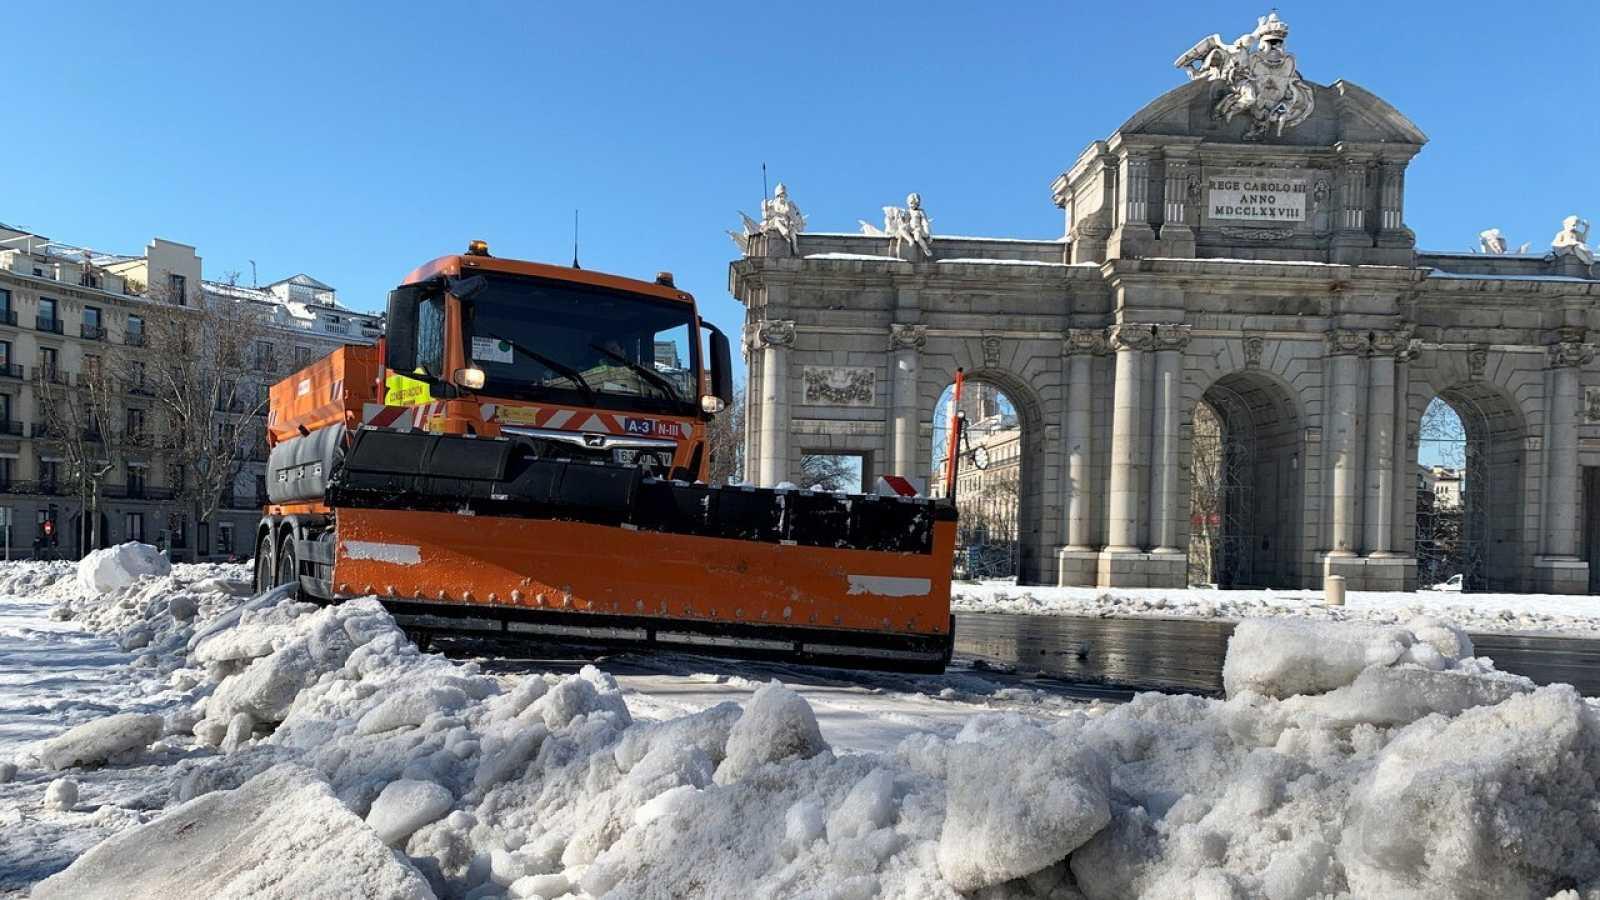 Una quitanieves retira nieve y hielo frente a la Puerta de Alcalá de Madrid, el 13 de enero. Reuters/Marco Trujillo.